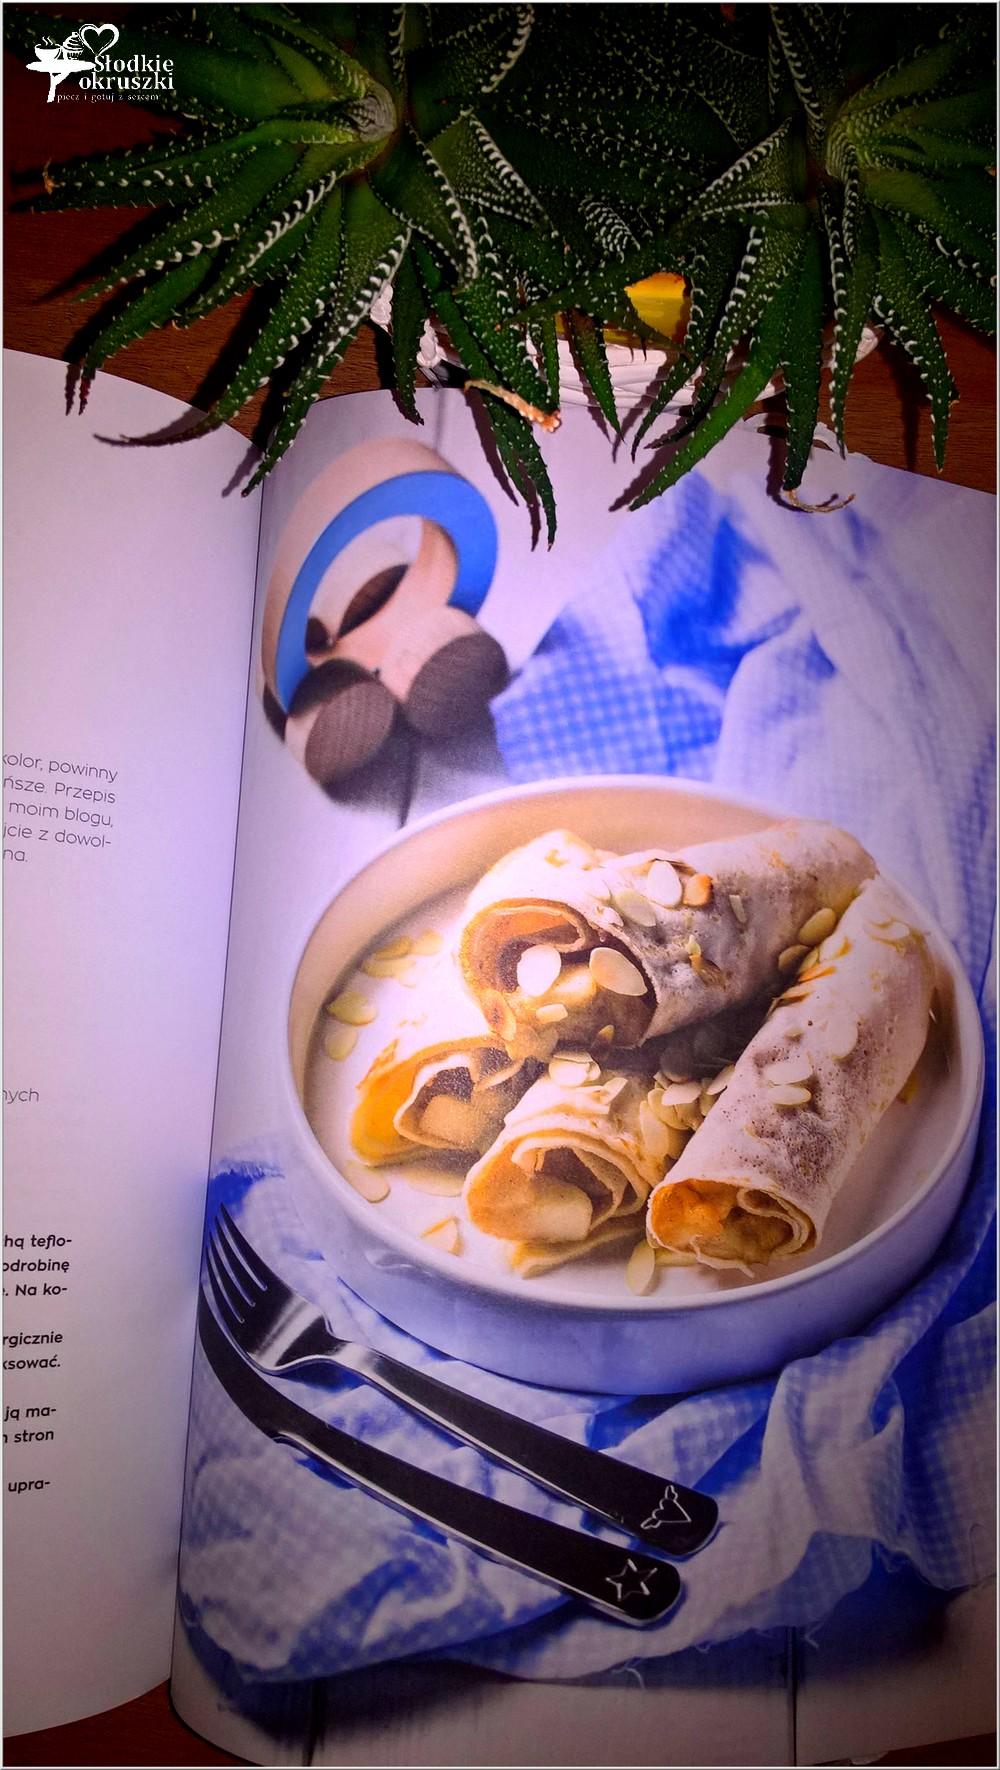 Pyszne poranki. 101 przepisów na smaczne i zdrowe śniadania (5)